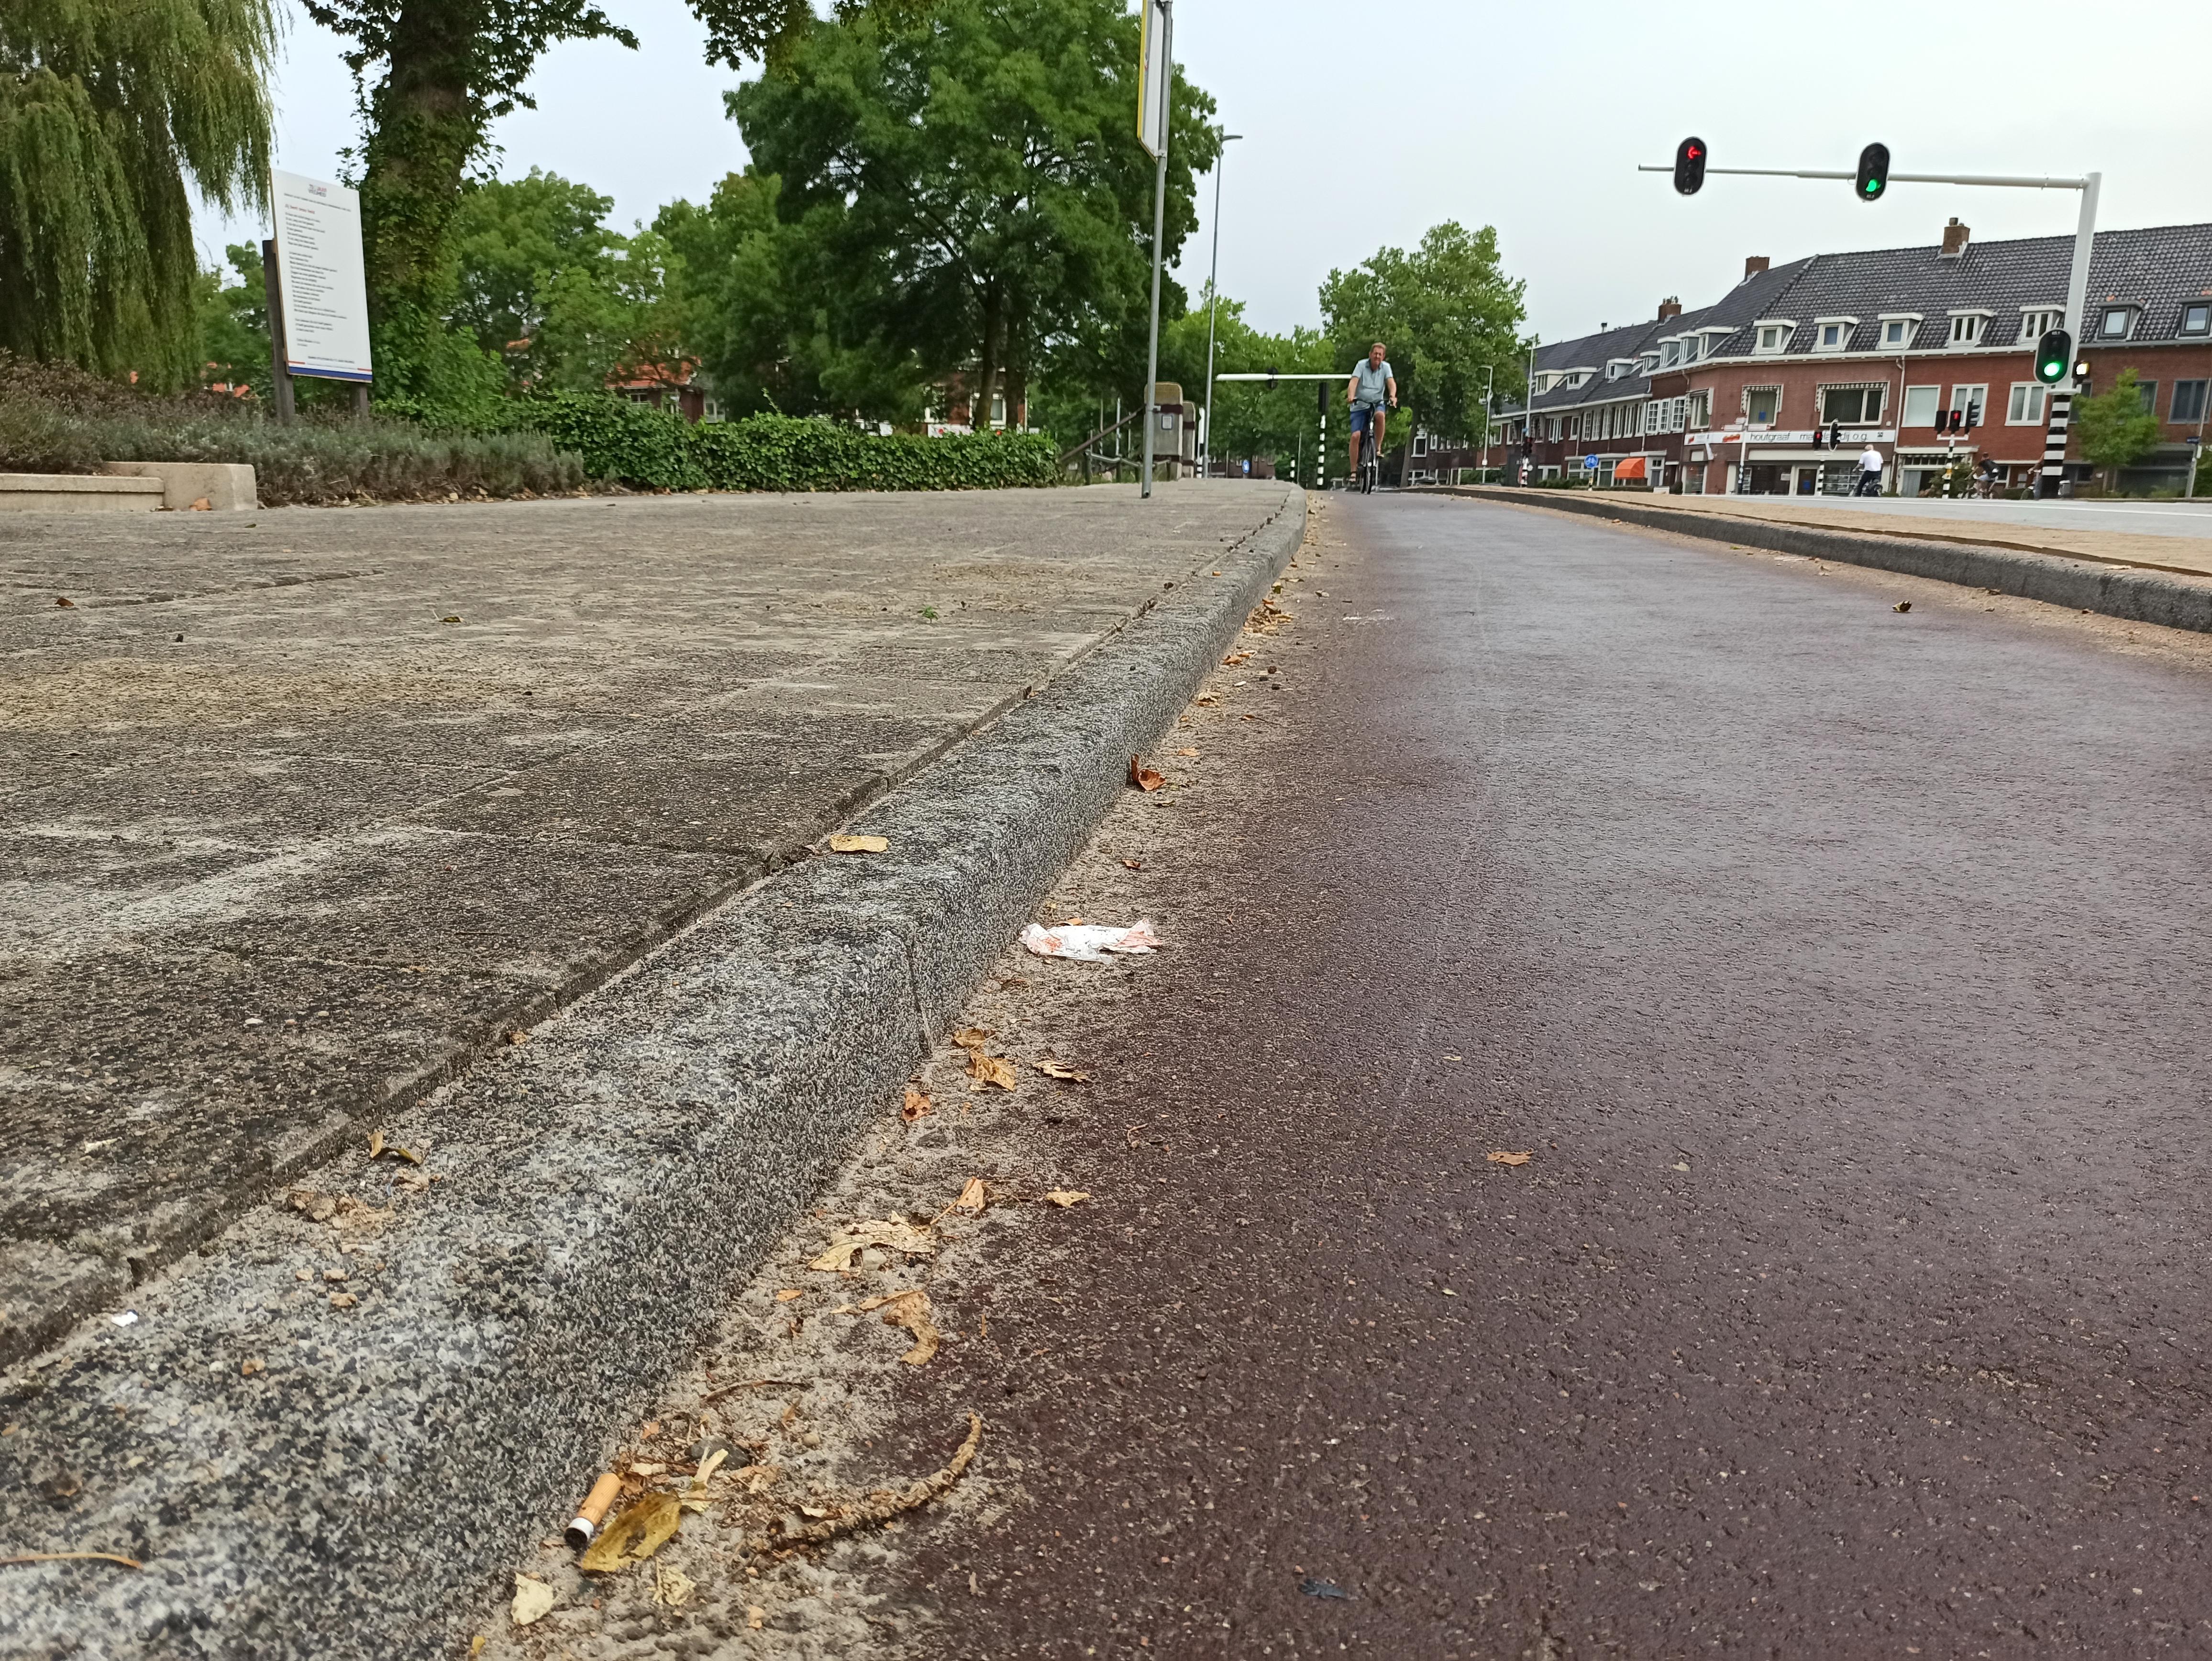 'Stoepranden Jan Gijzenbrug gevaarlijk hoog': ChristenUnie Haarlem bezorgd om veiligheid fietsers